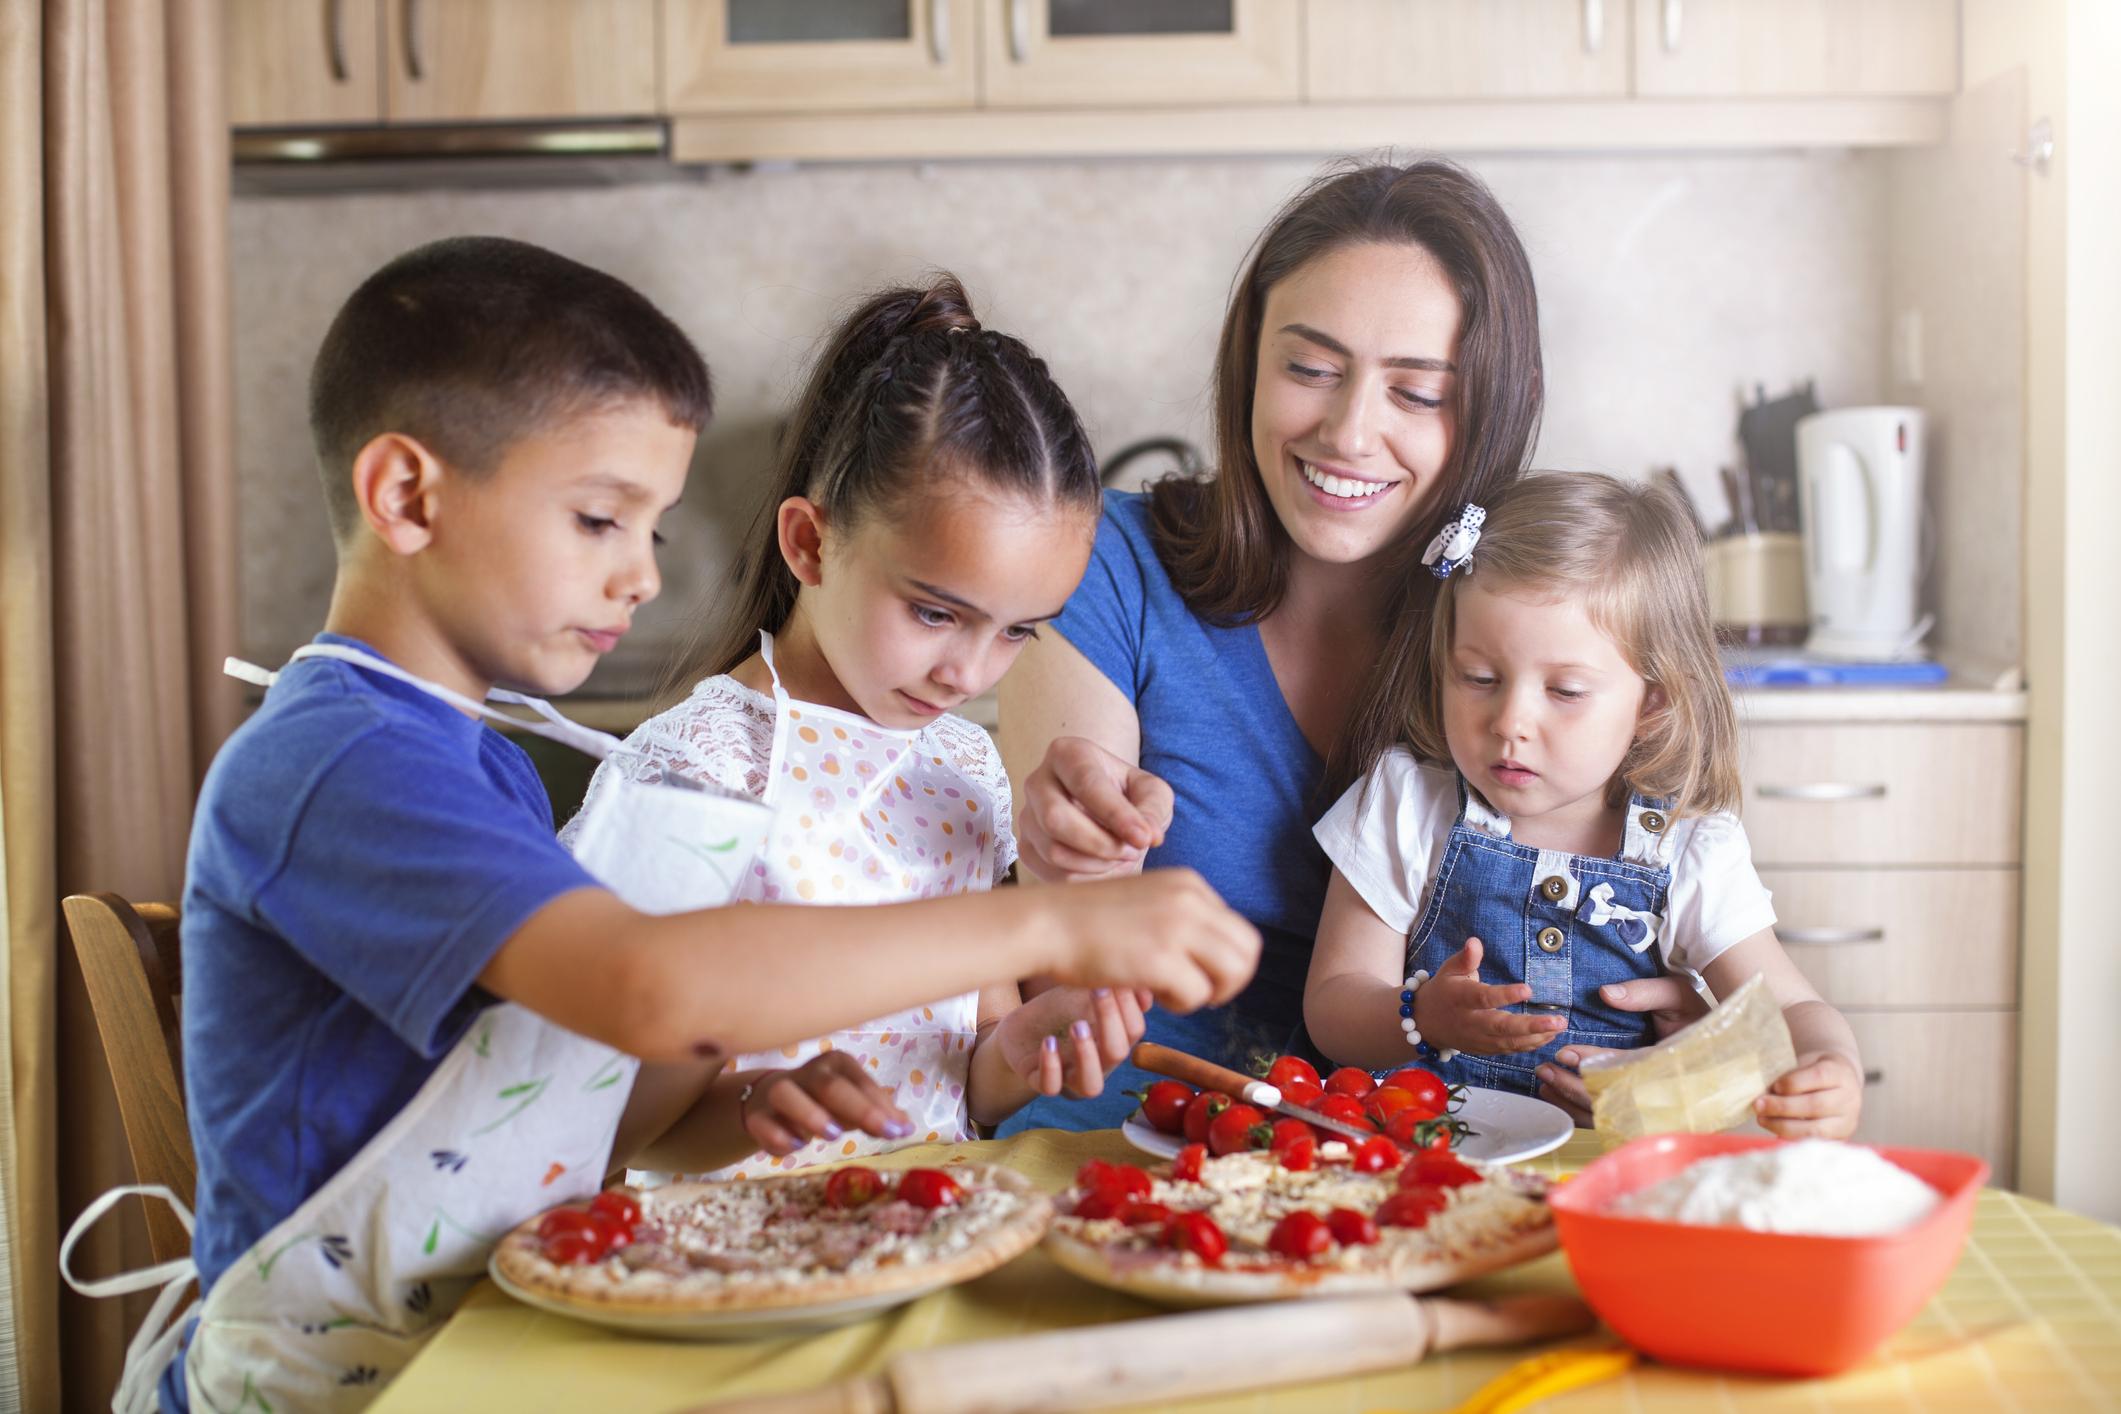 Recetas nutritivas para preparar con limitados ingredientes de la despensa